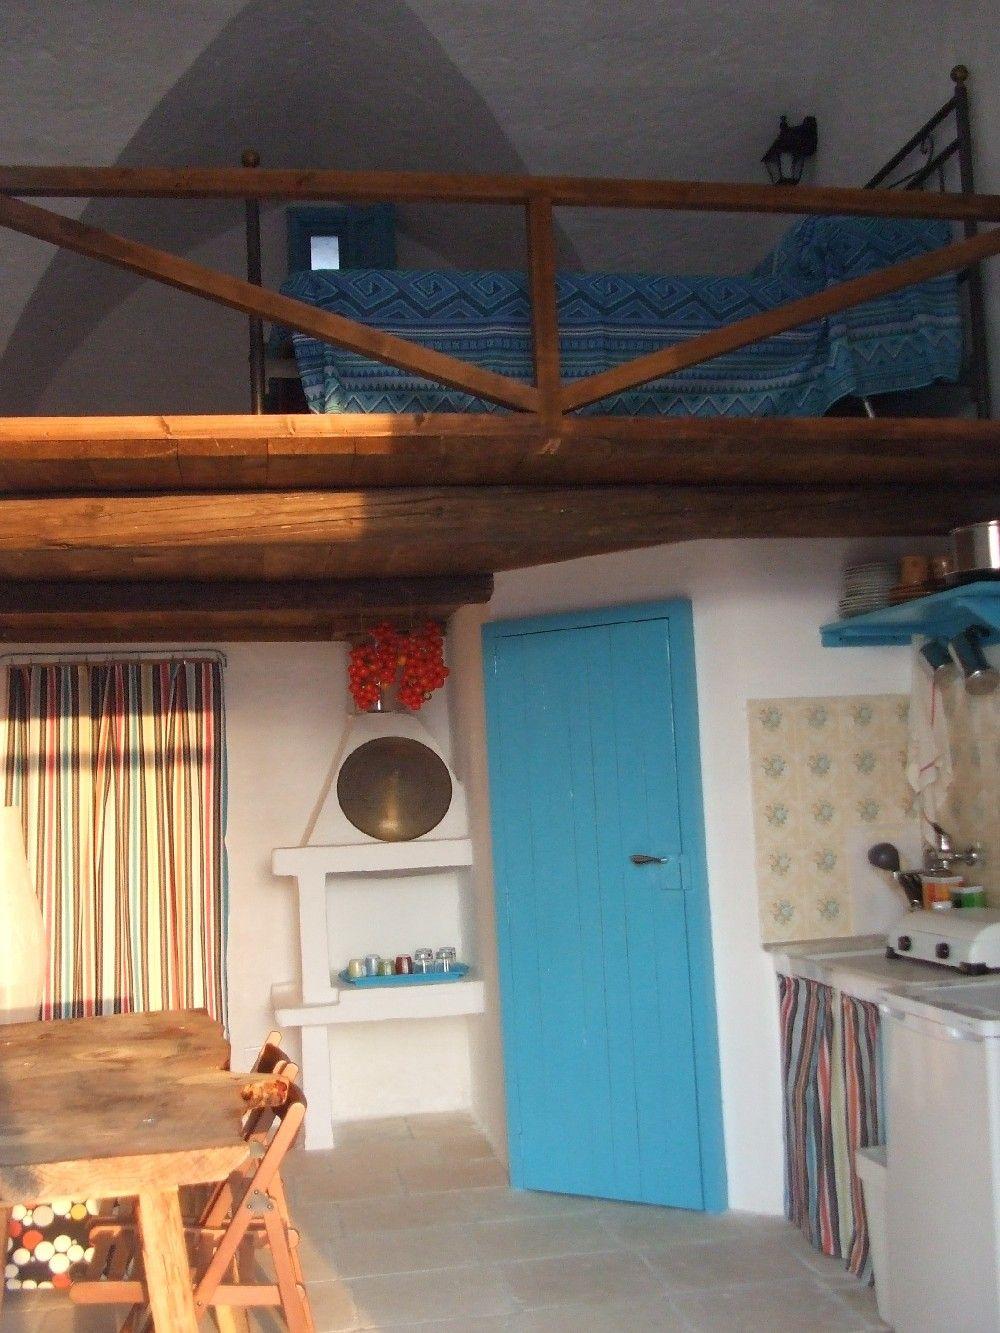 Masseria - Ostuni - vacanze - alloggio 3 - ingresso